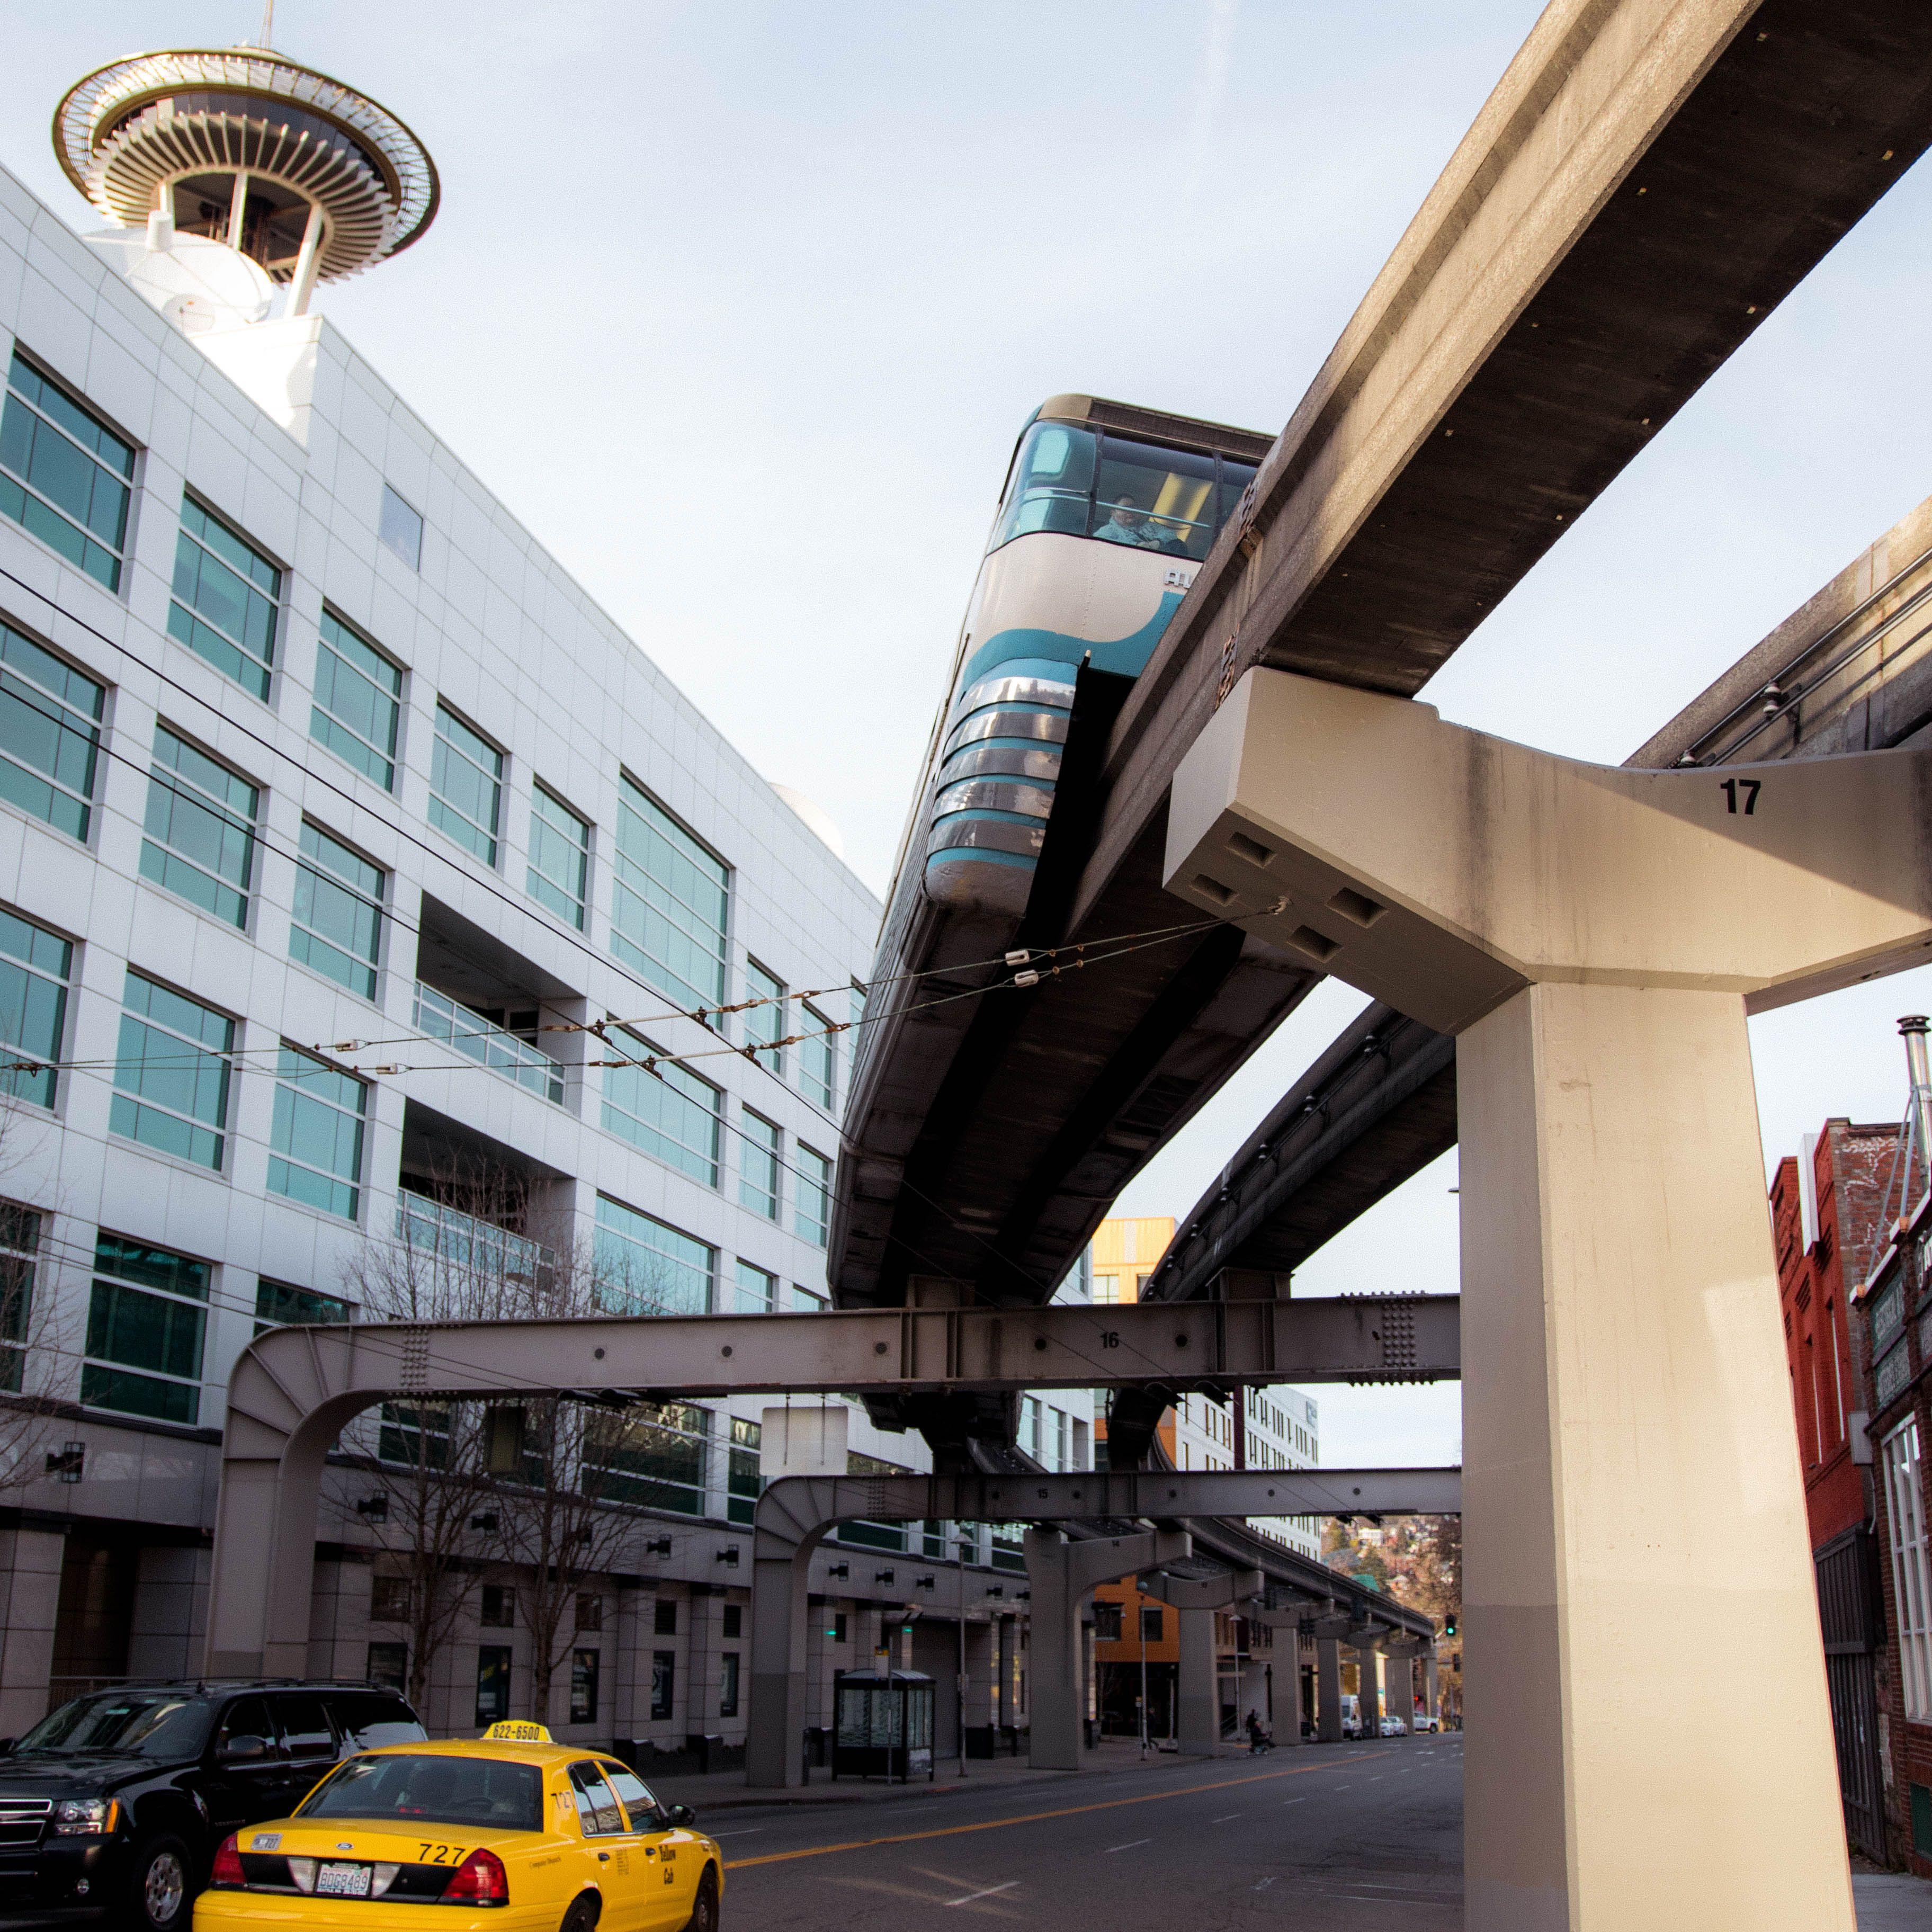 Coches que circulan debajo del tren elevado de Seattle